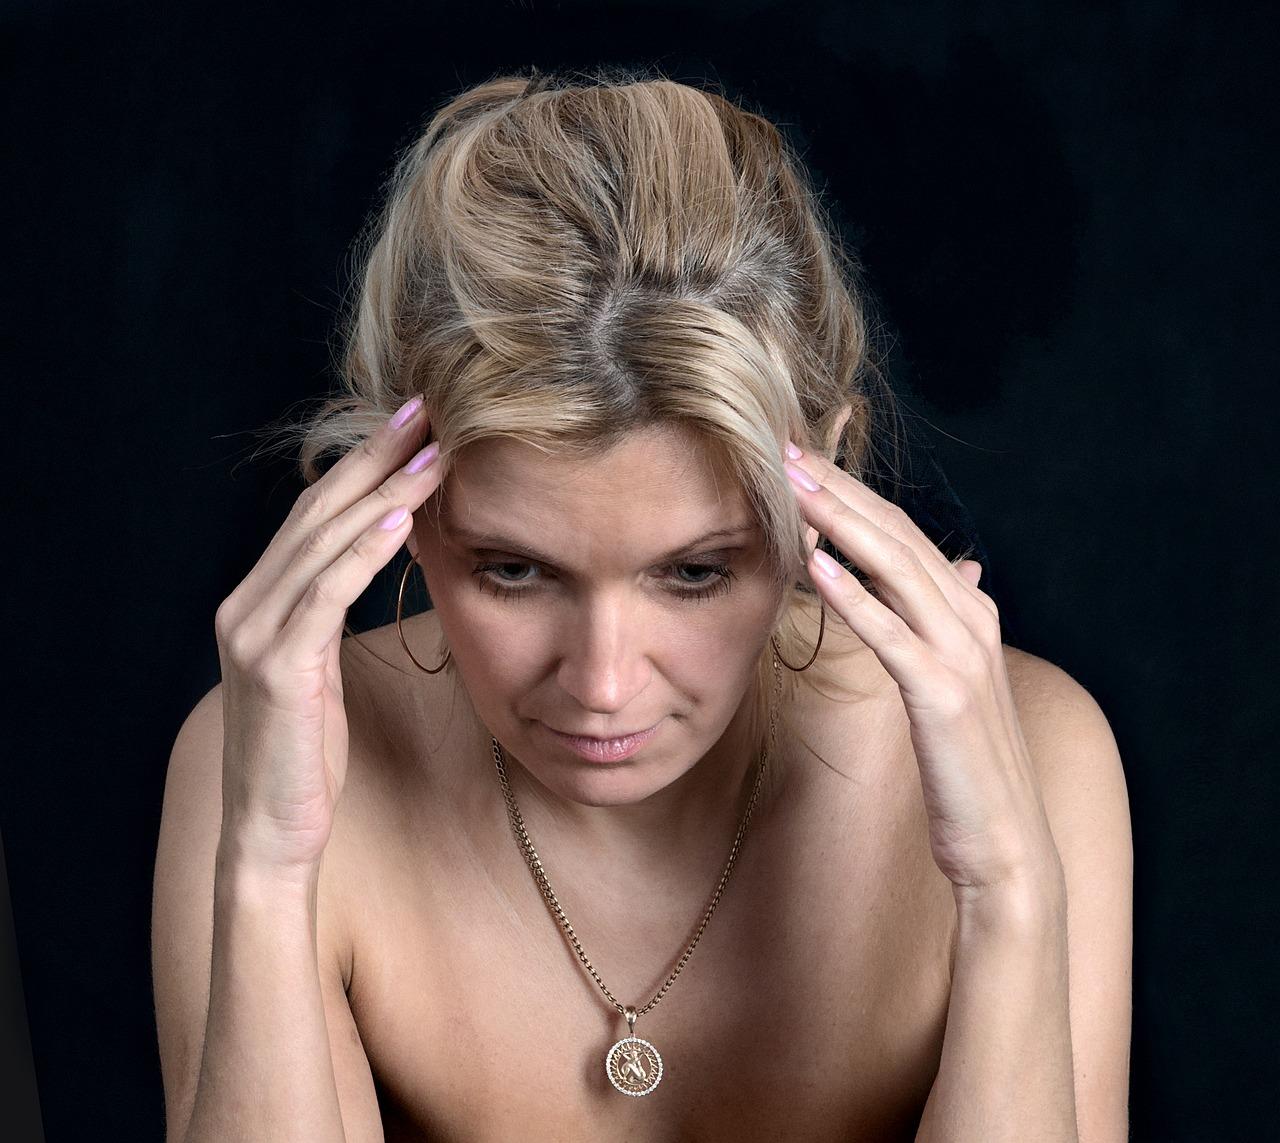 Enxaqueca Menstrual: Causas, Sintomas e Tratamento